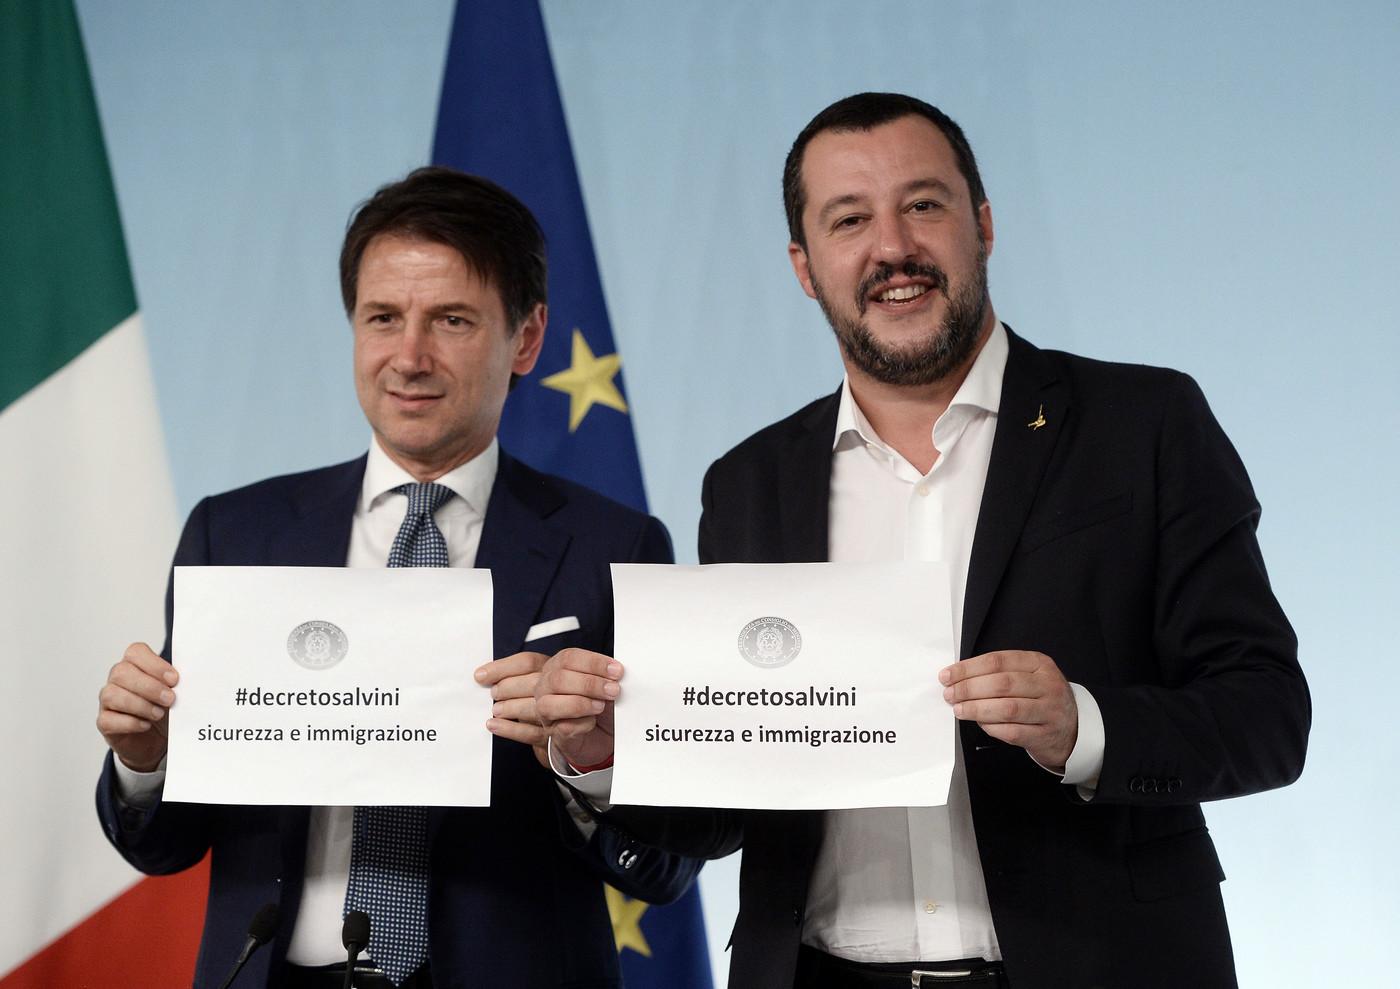 Decreto sicurezza, approvato all'unanimità dal Consiglio dei ministri. Stretta sui richiedenti asilo